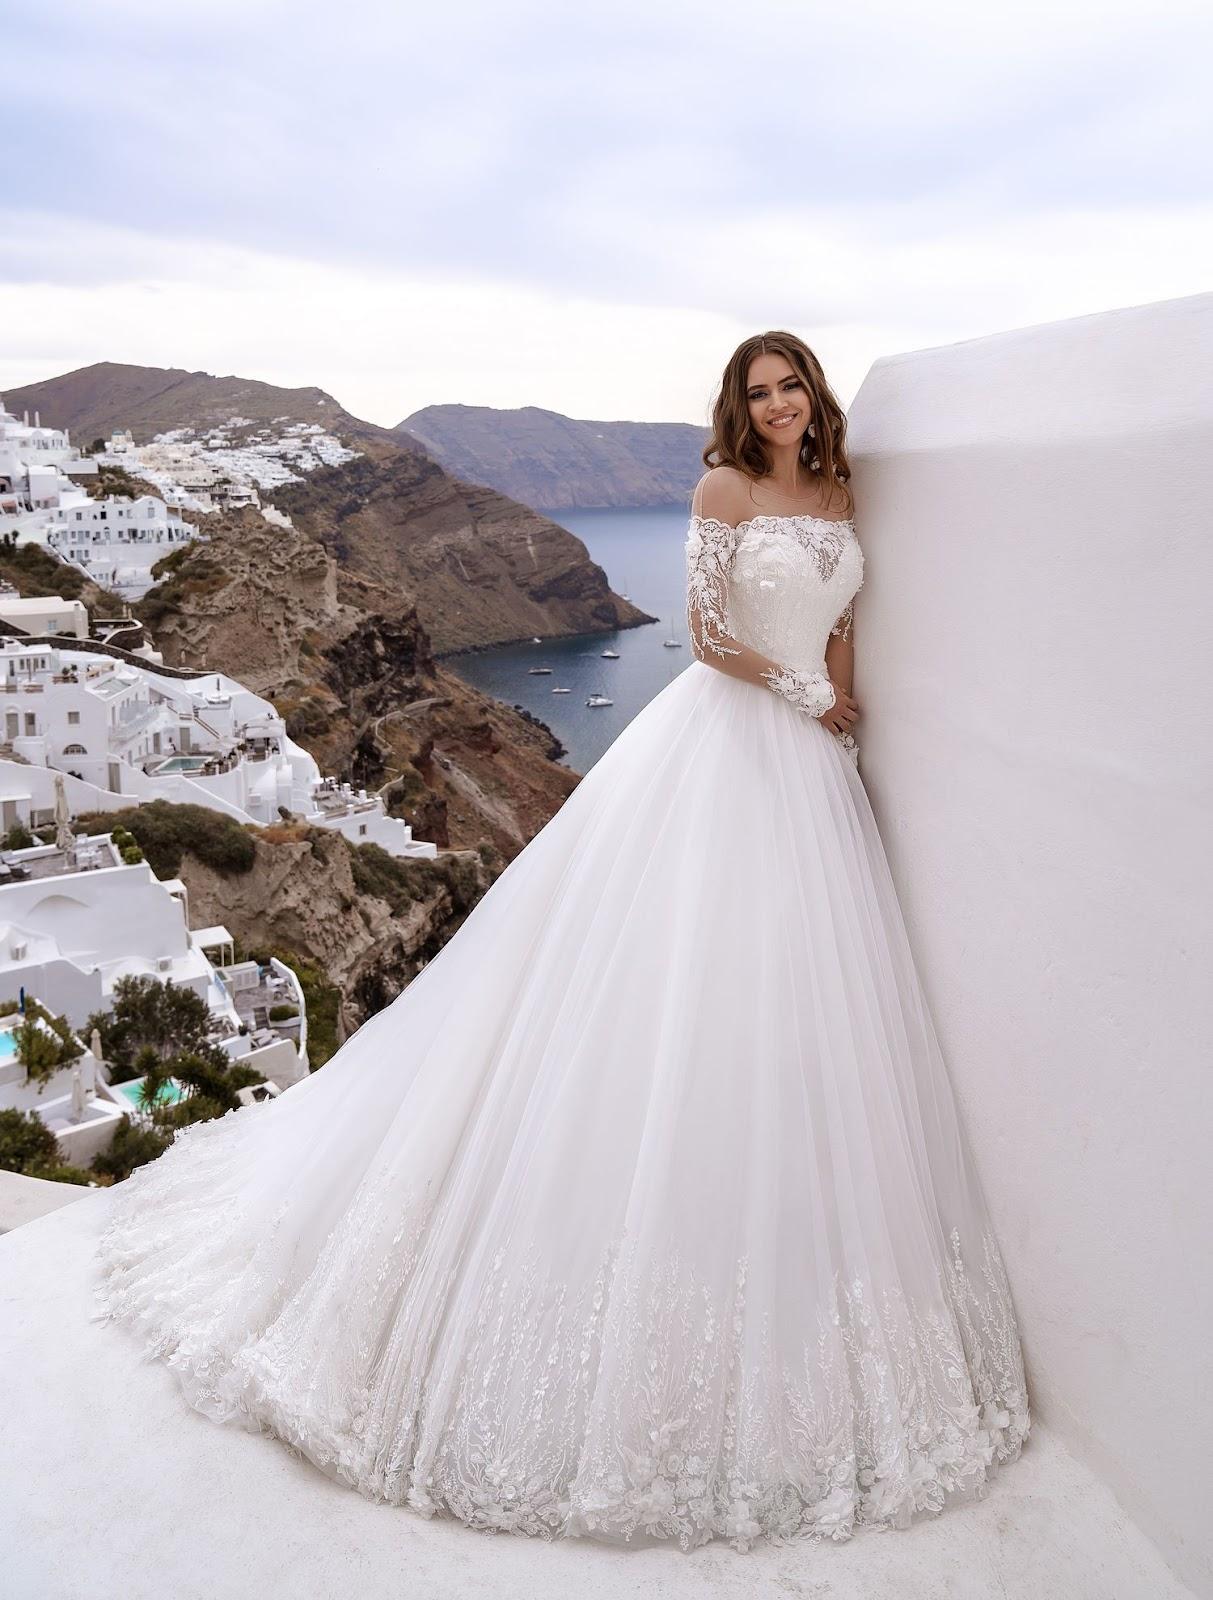 Красива пишна весільна сукня